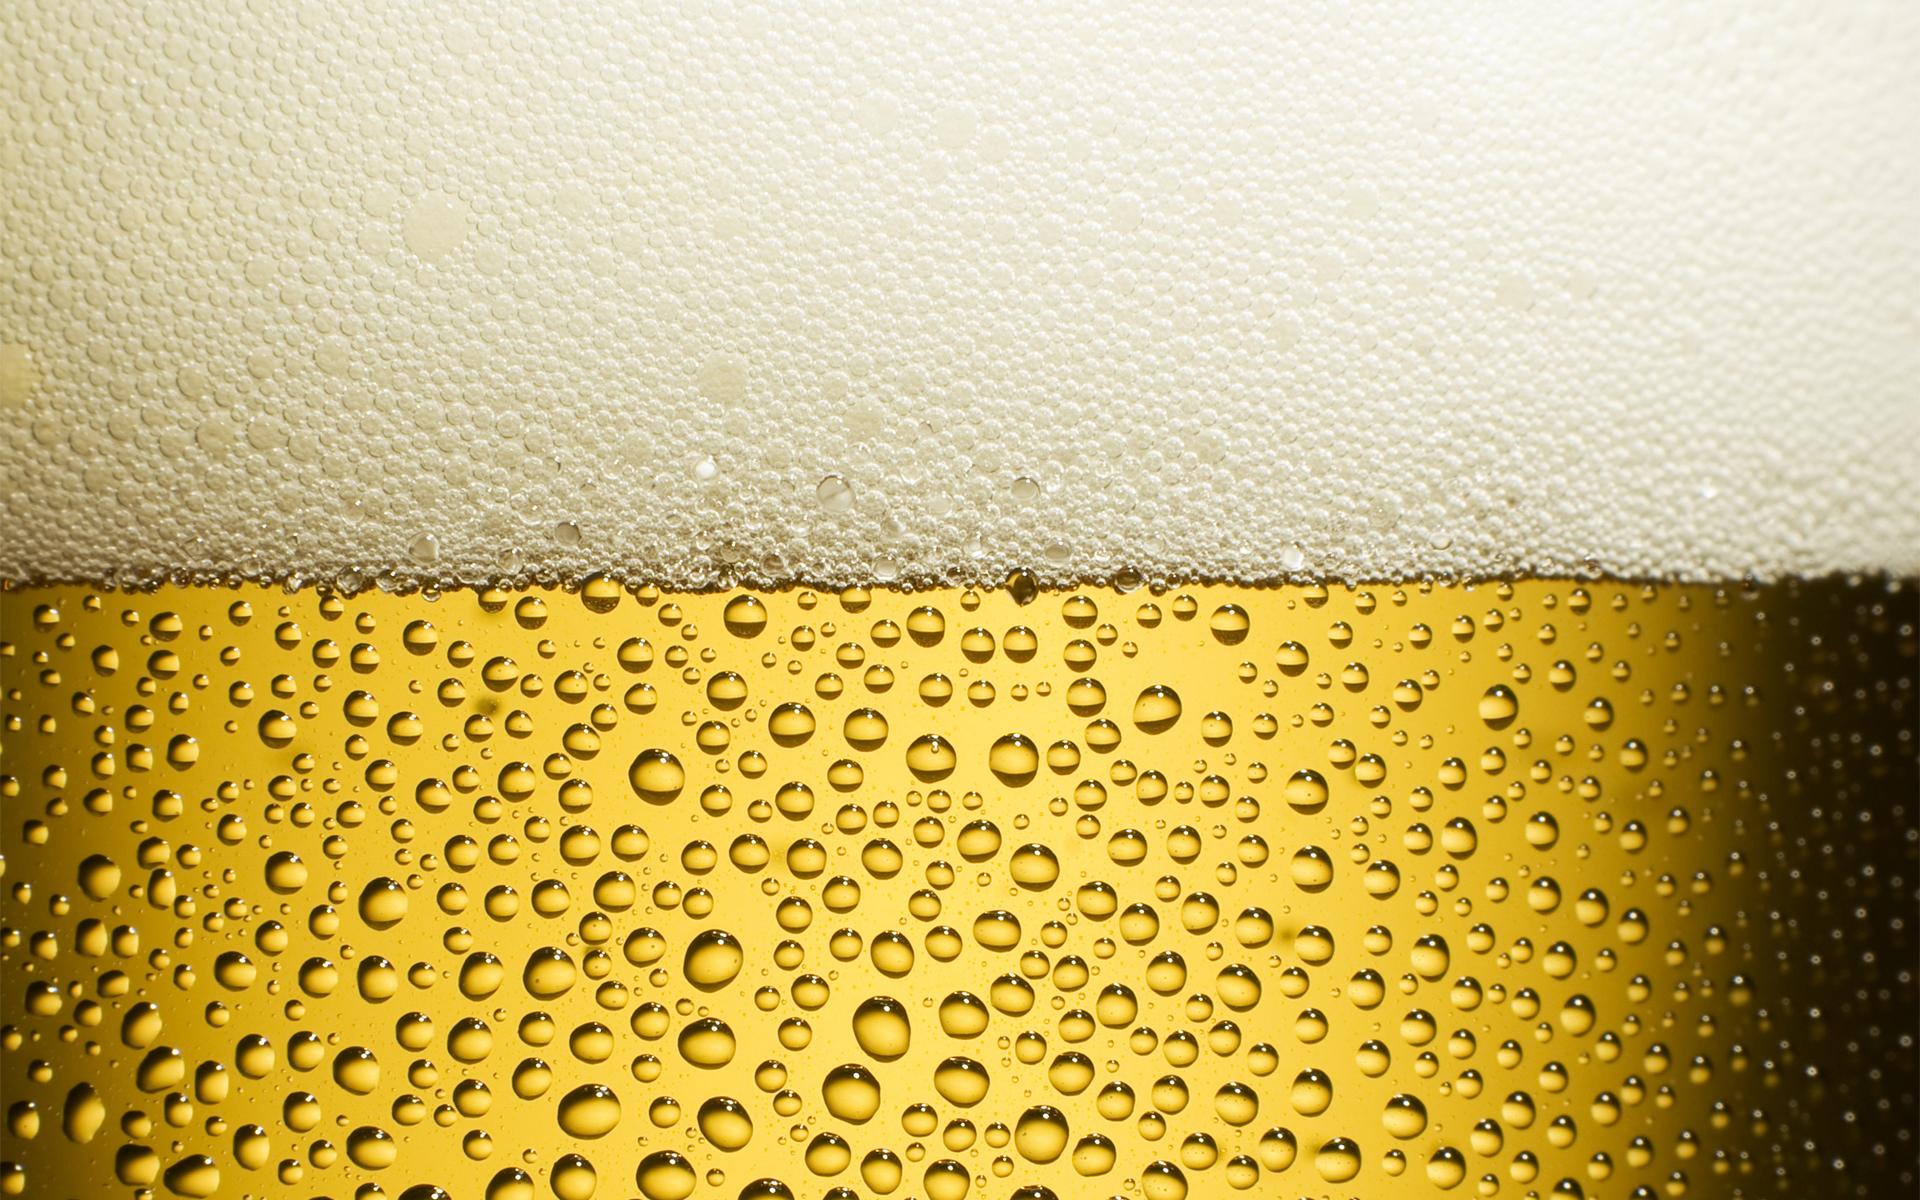 Vaso de cerveza - 1920x1200